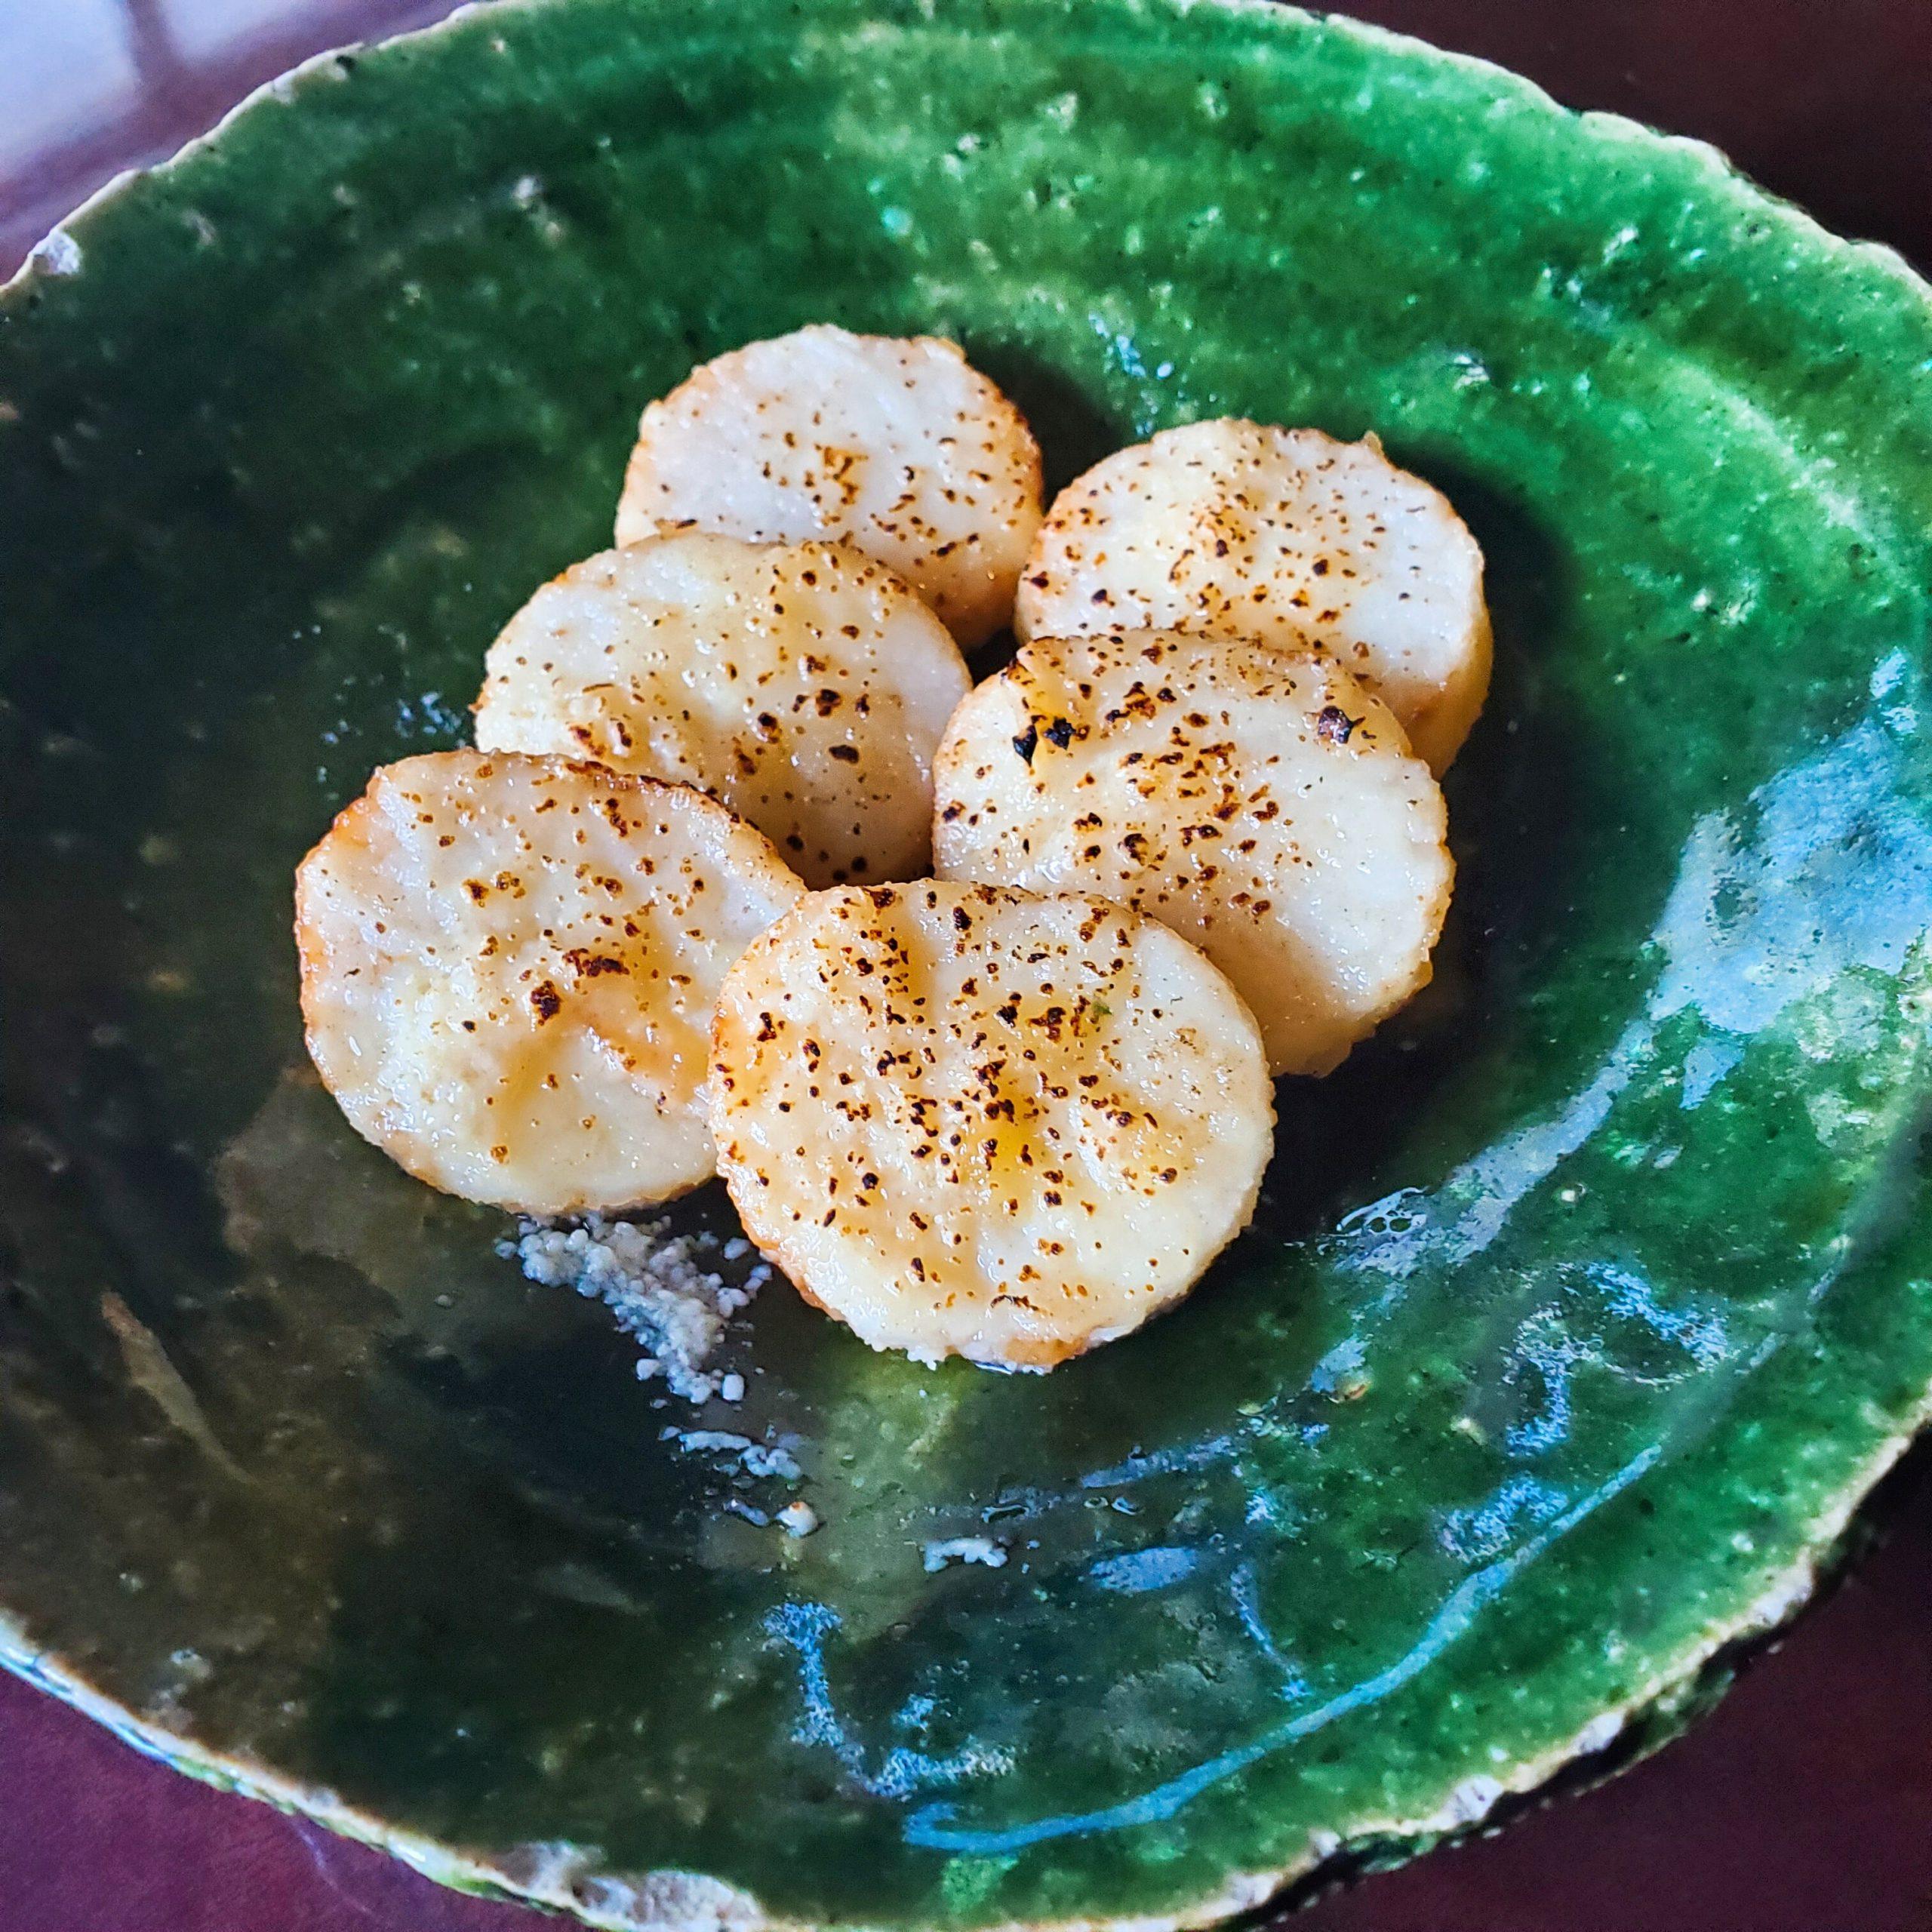 長芋のソテーローズマリー風味